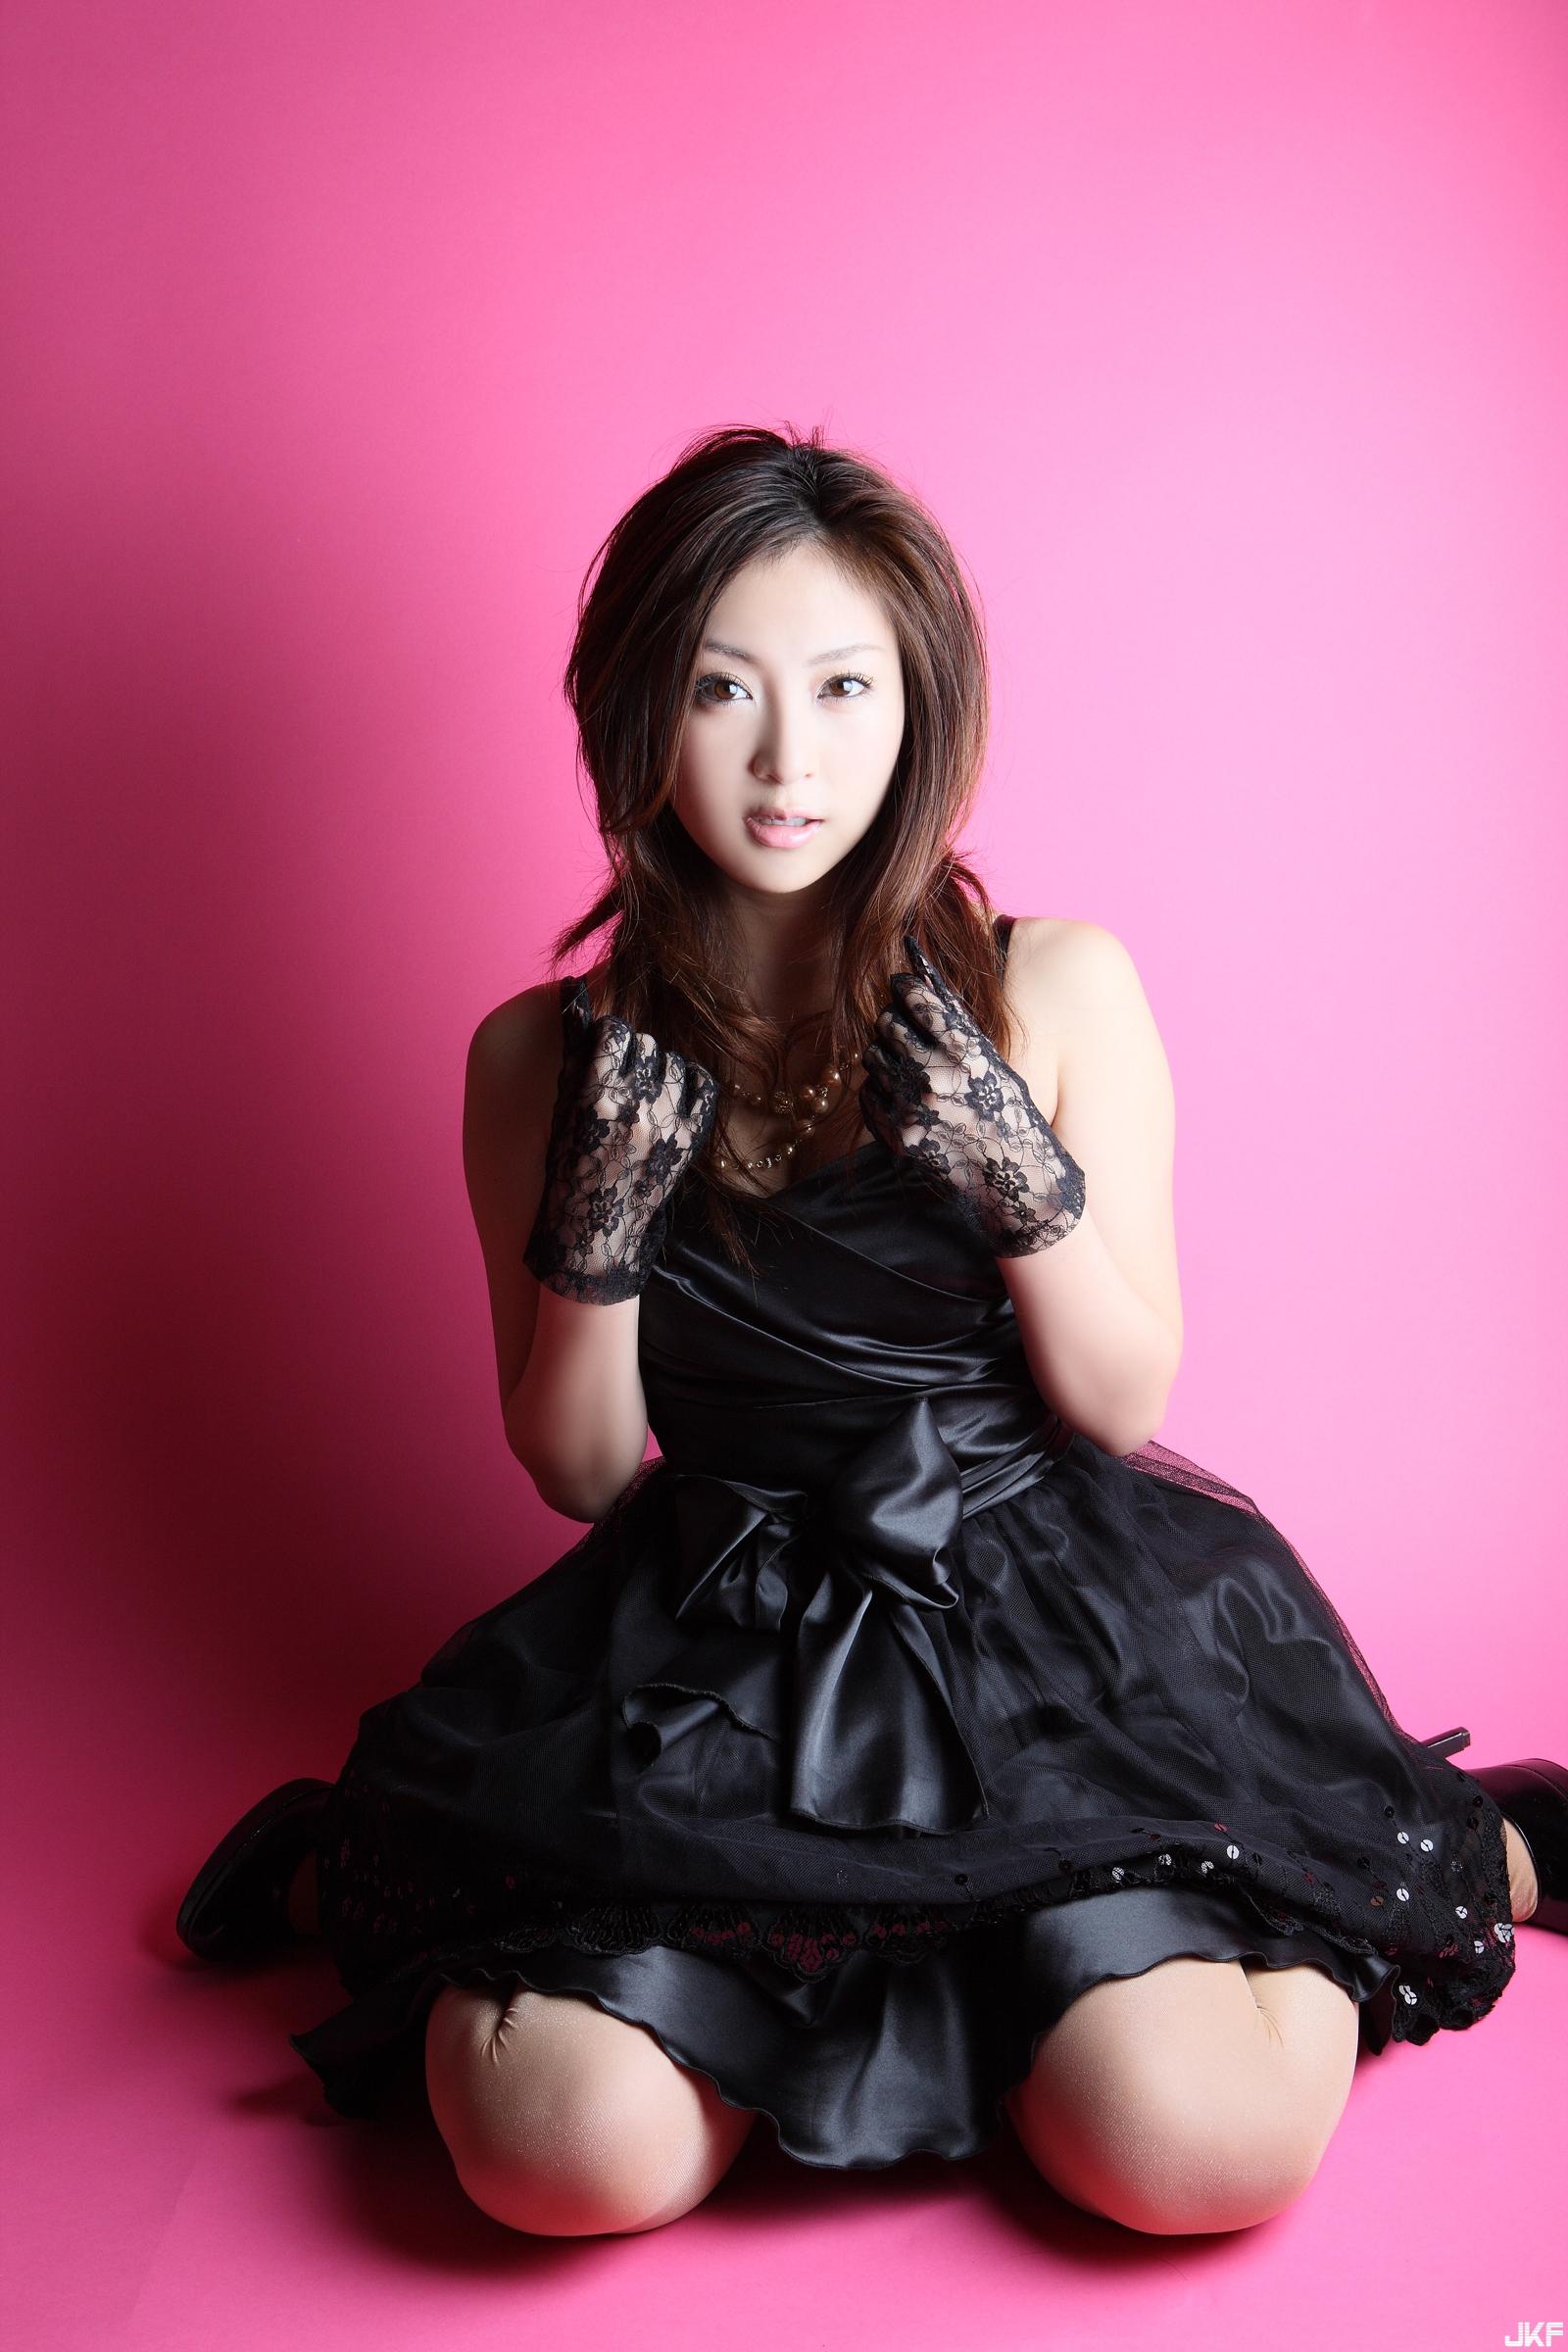 tatsumi-natsuko-574300.jpg